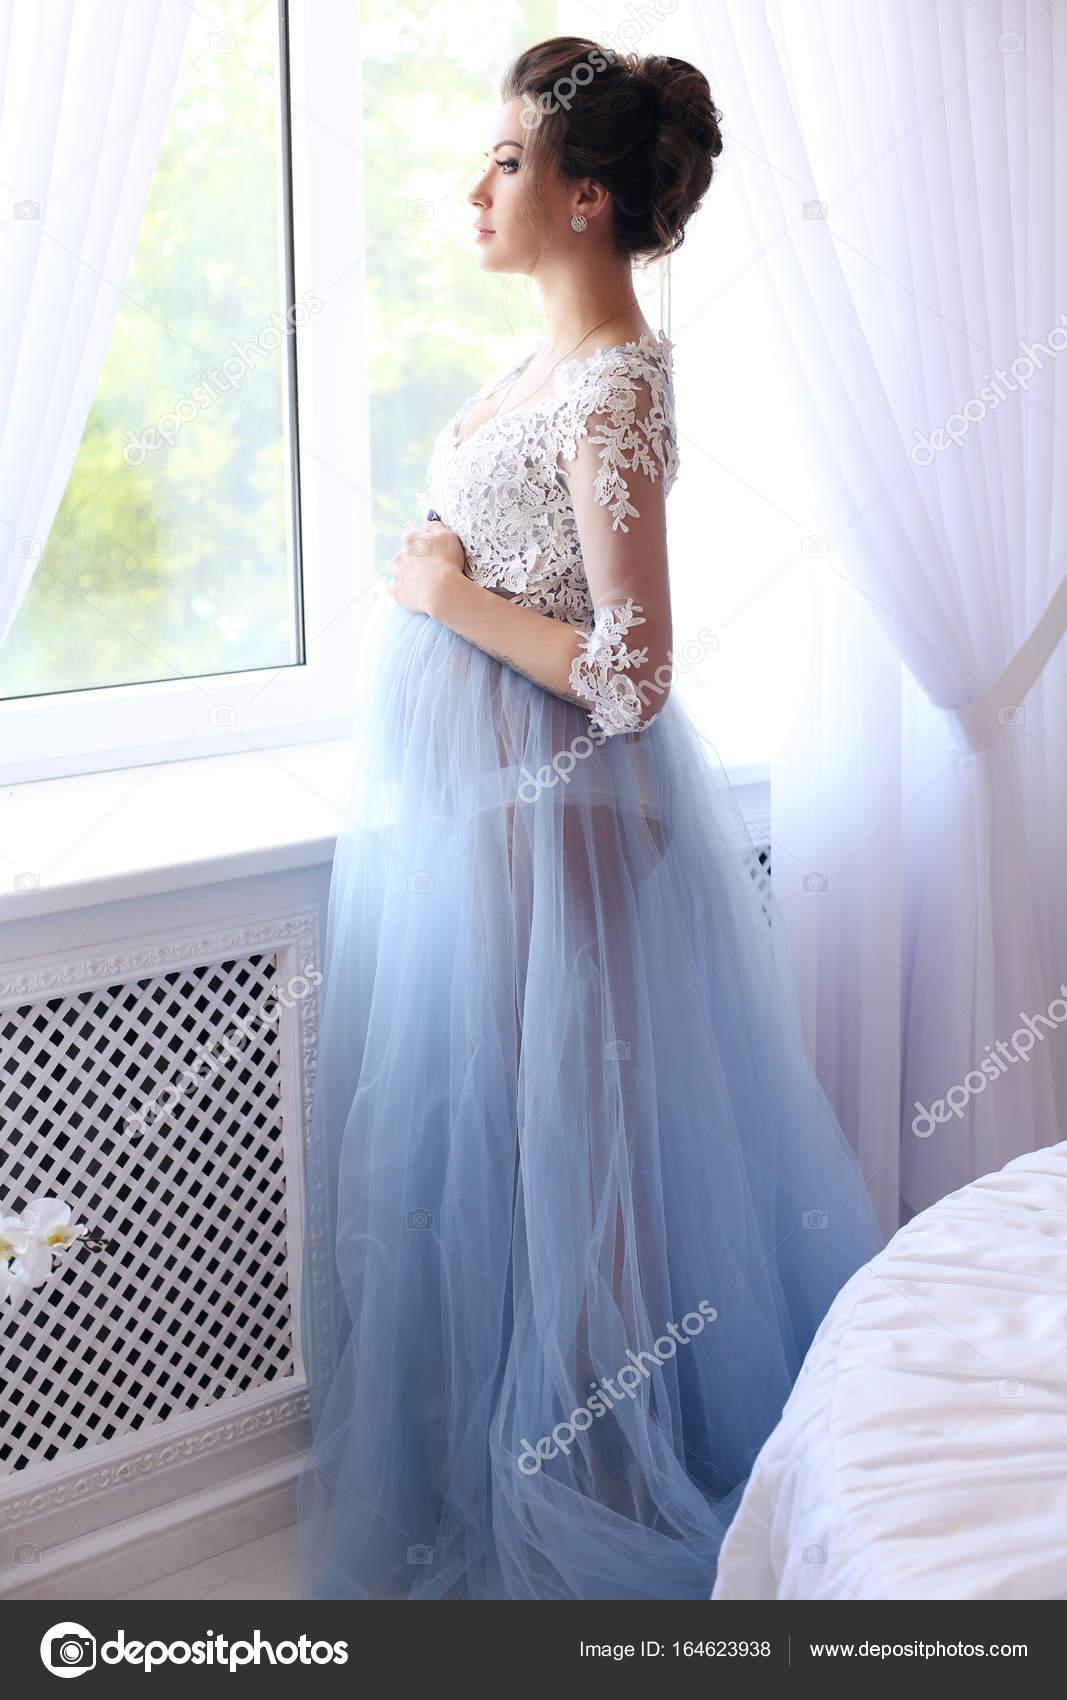 Εσωτερικό φωτογραφία μόδας πανέμορφη έγκυος γυναίκα σε κομψά ρούχα — Εικόνα  από Slava 14 f92b749c3b0